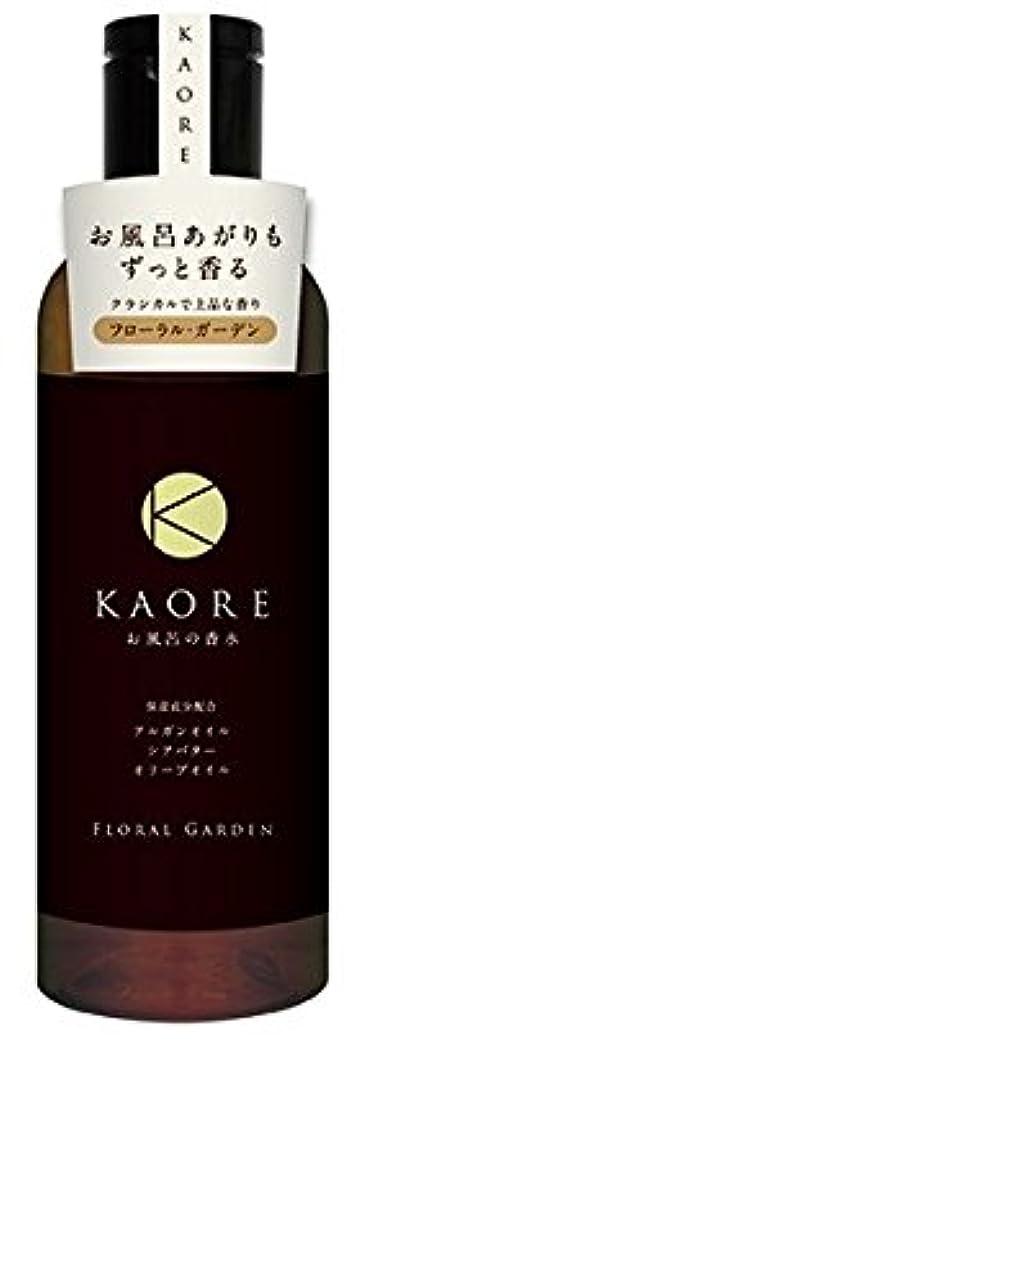 疑わしい型害虫KAORE(カオリ) お風呂の香水 フローラルガーデン 200ml